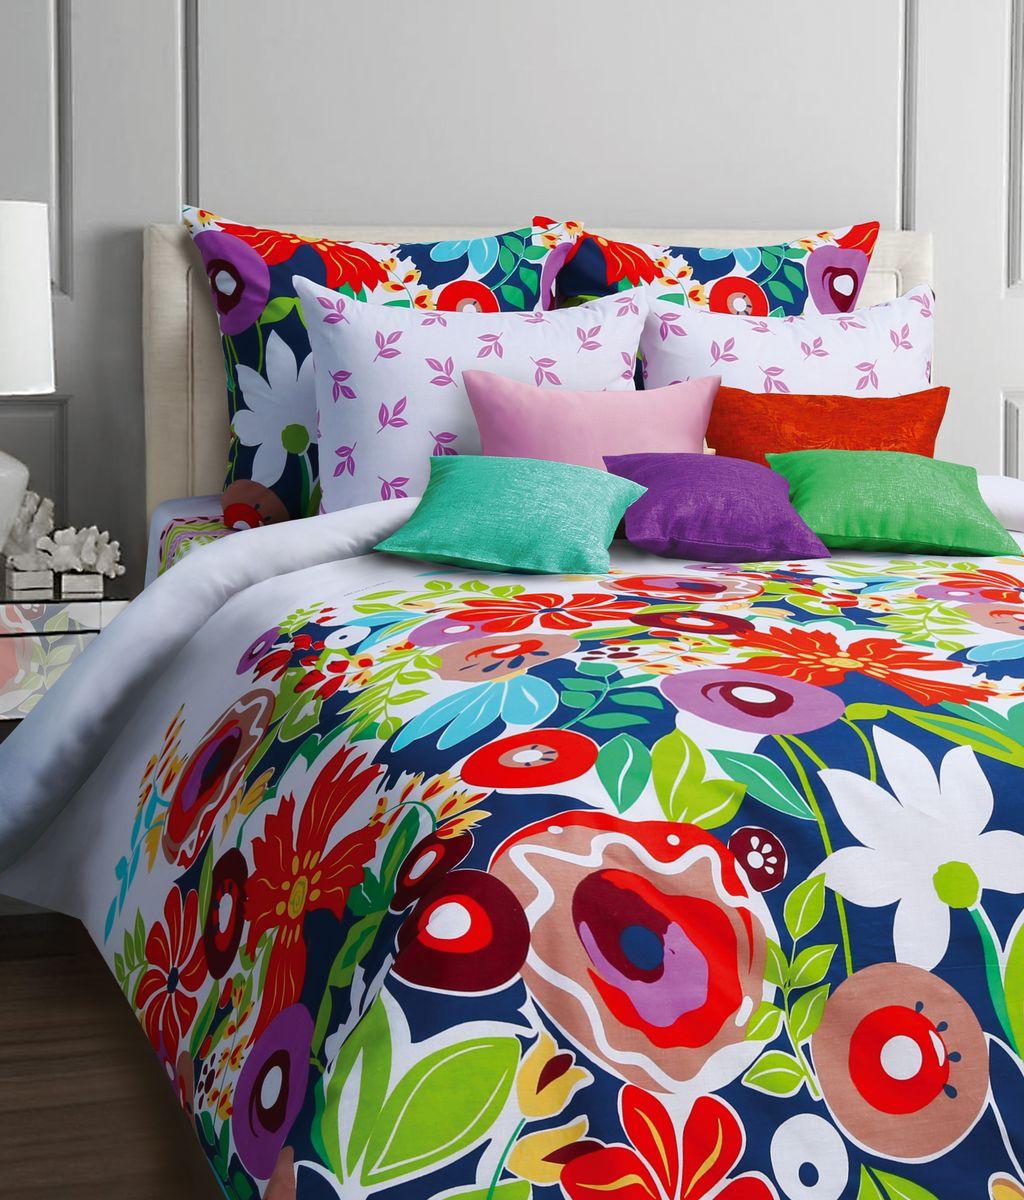 Комплект белья Mona Liza Pampiny, 1,5-спальное, наволочки 70x70551114/28Комплект постельного белья Mona Liza Pampiny, выполненный из бязи (100% хлопок), состоит из пододеяльника, простыни и двух наволочек. Изделия оформлены оригинальным рисунком.Пододеяльник на пуговицах.Бязь - ткань полотняного переплетения с незначительной сминаемостью, хорошо сохраняющая цвет при стирке, легкая, с прекрасными гигиеническими показателями.Такой комплект подойдет для любого стилевого и цветового решения интерьера, а также создаст в доме уют.